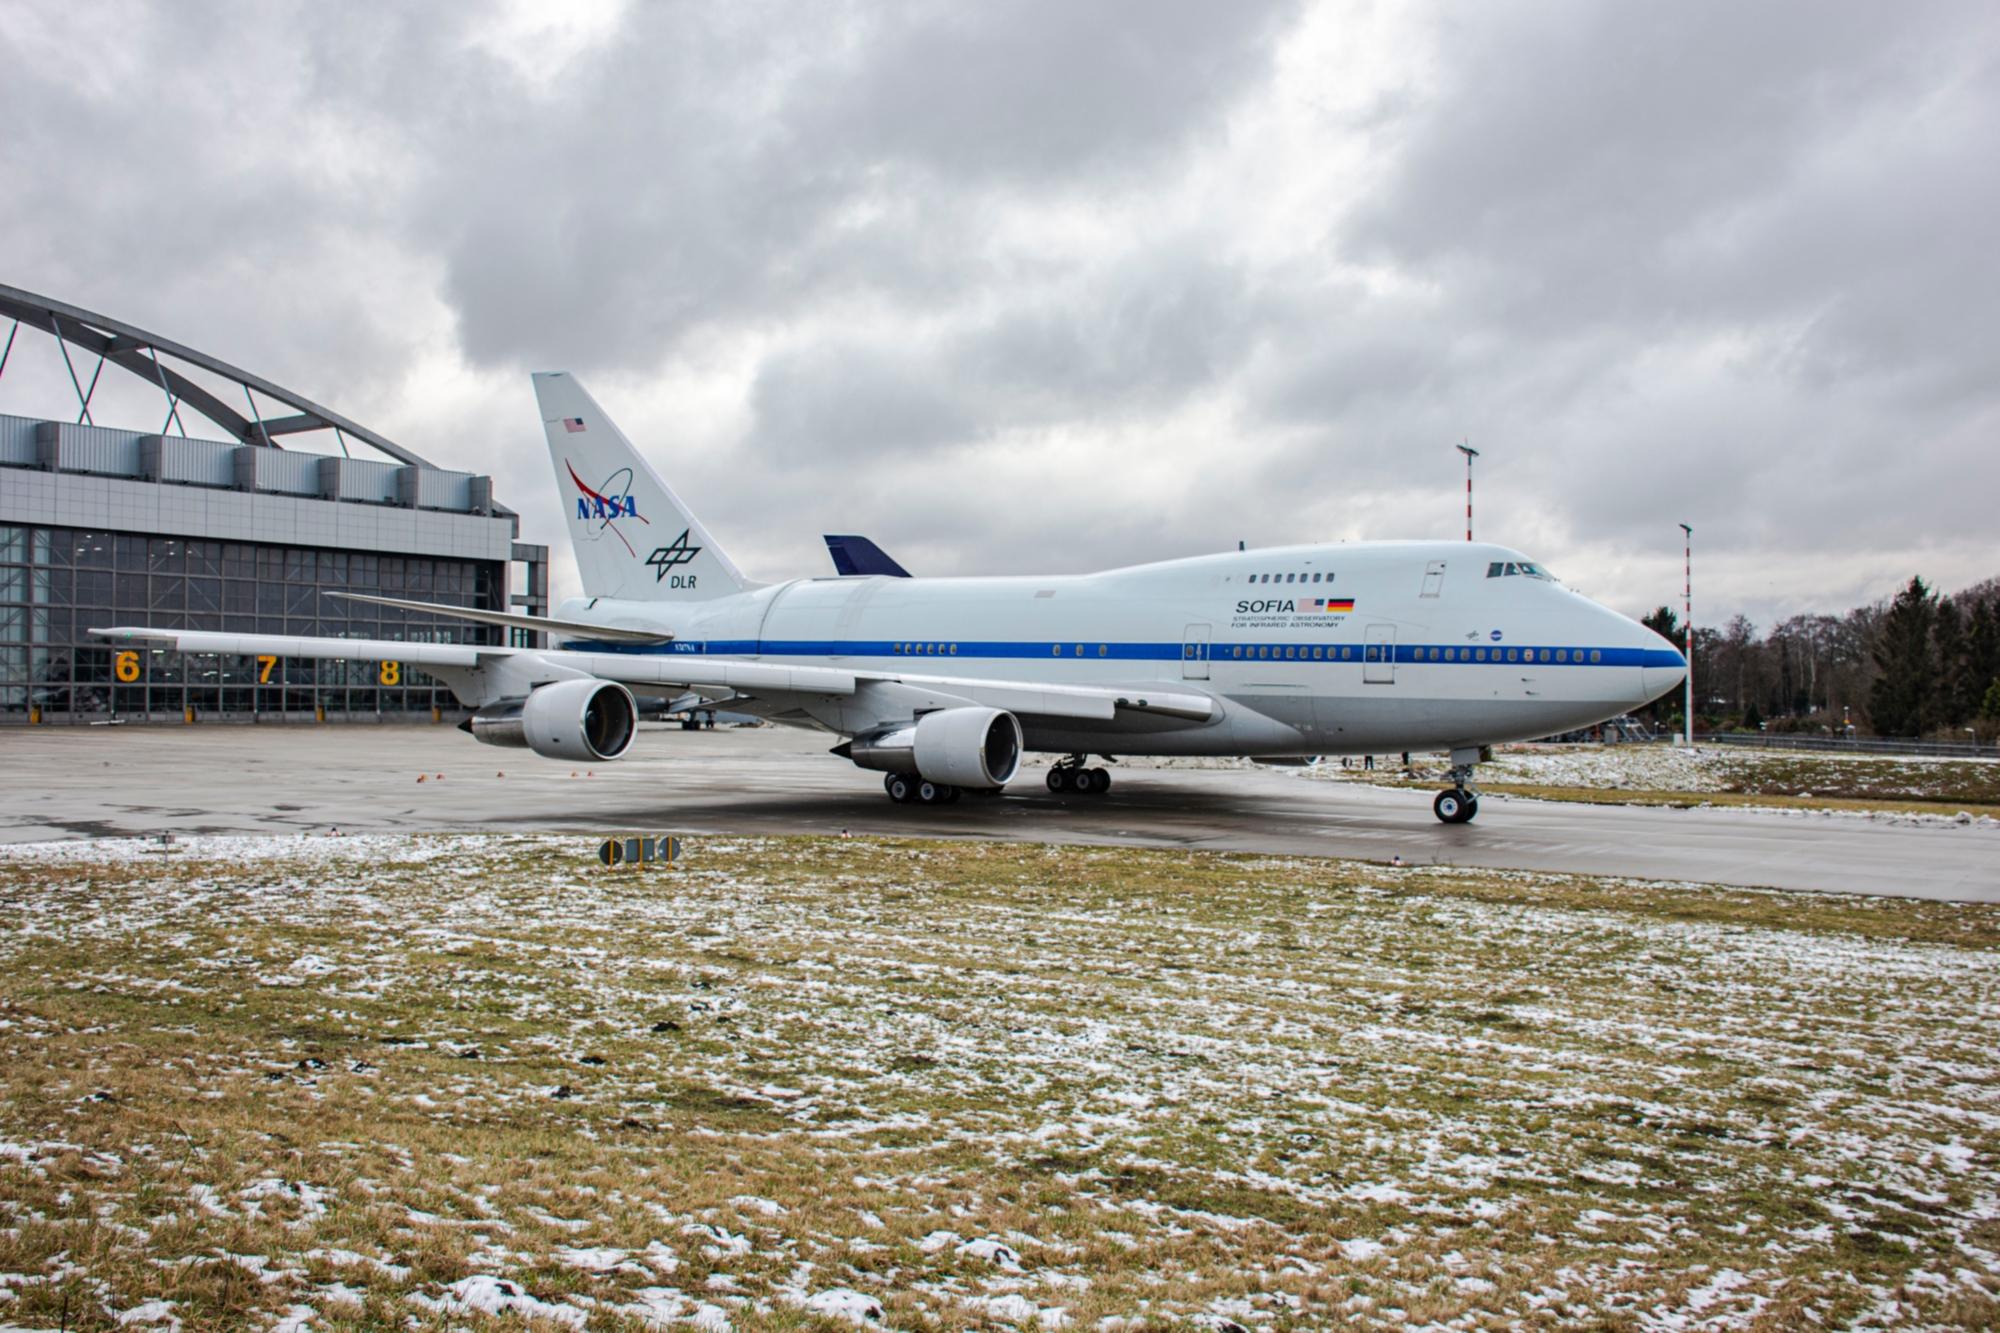 Nach abgeschlossener Wartung verlässt SOFIA das Lufthansa Technik Gelände in Hamburg